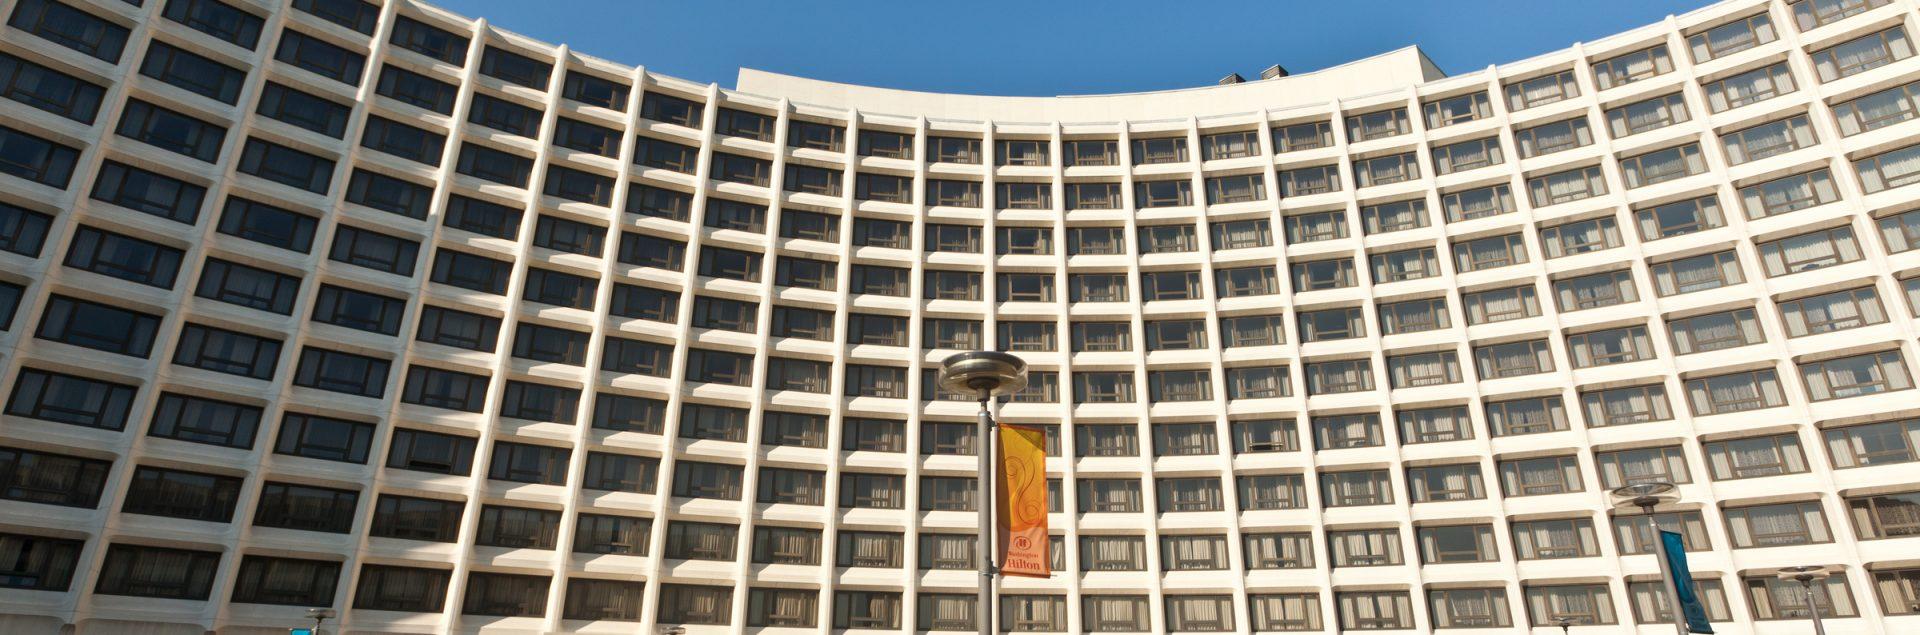 Washington Hotel Association Memeber Hotels